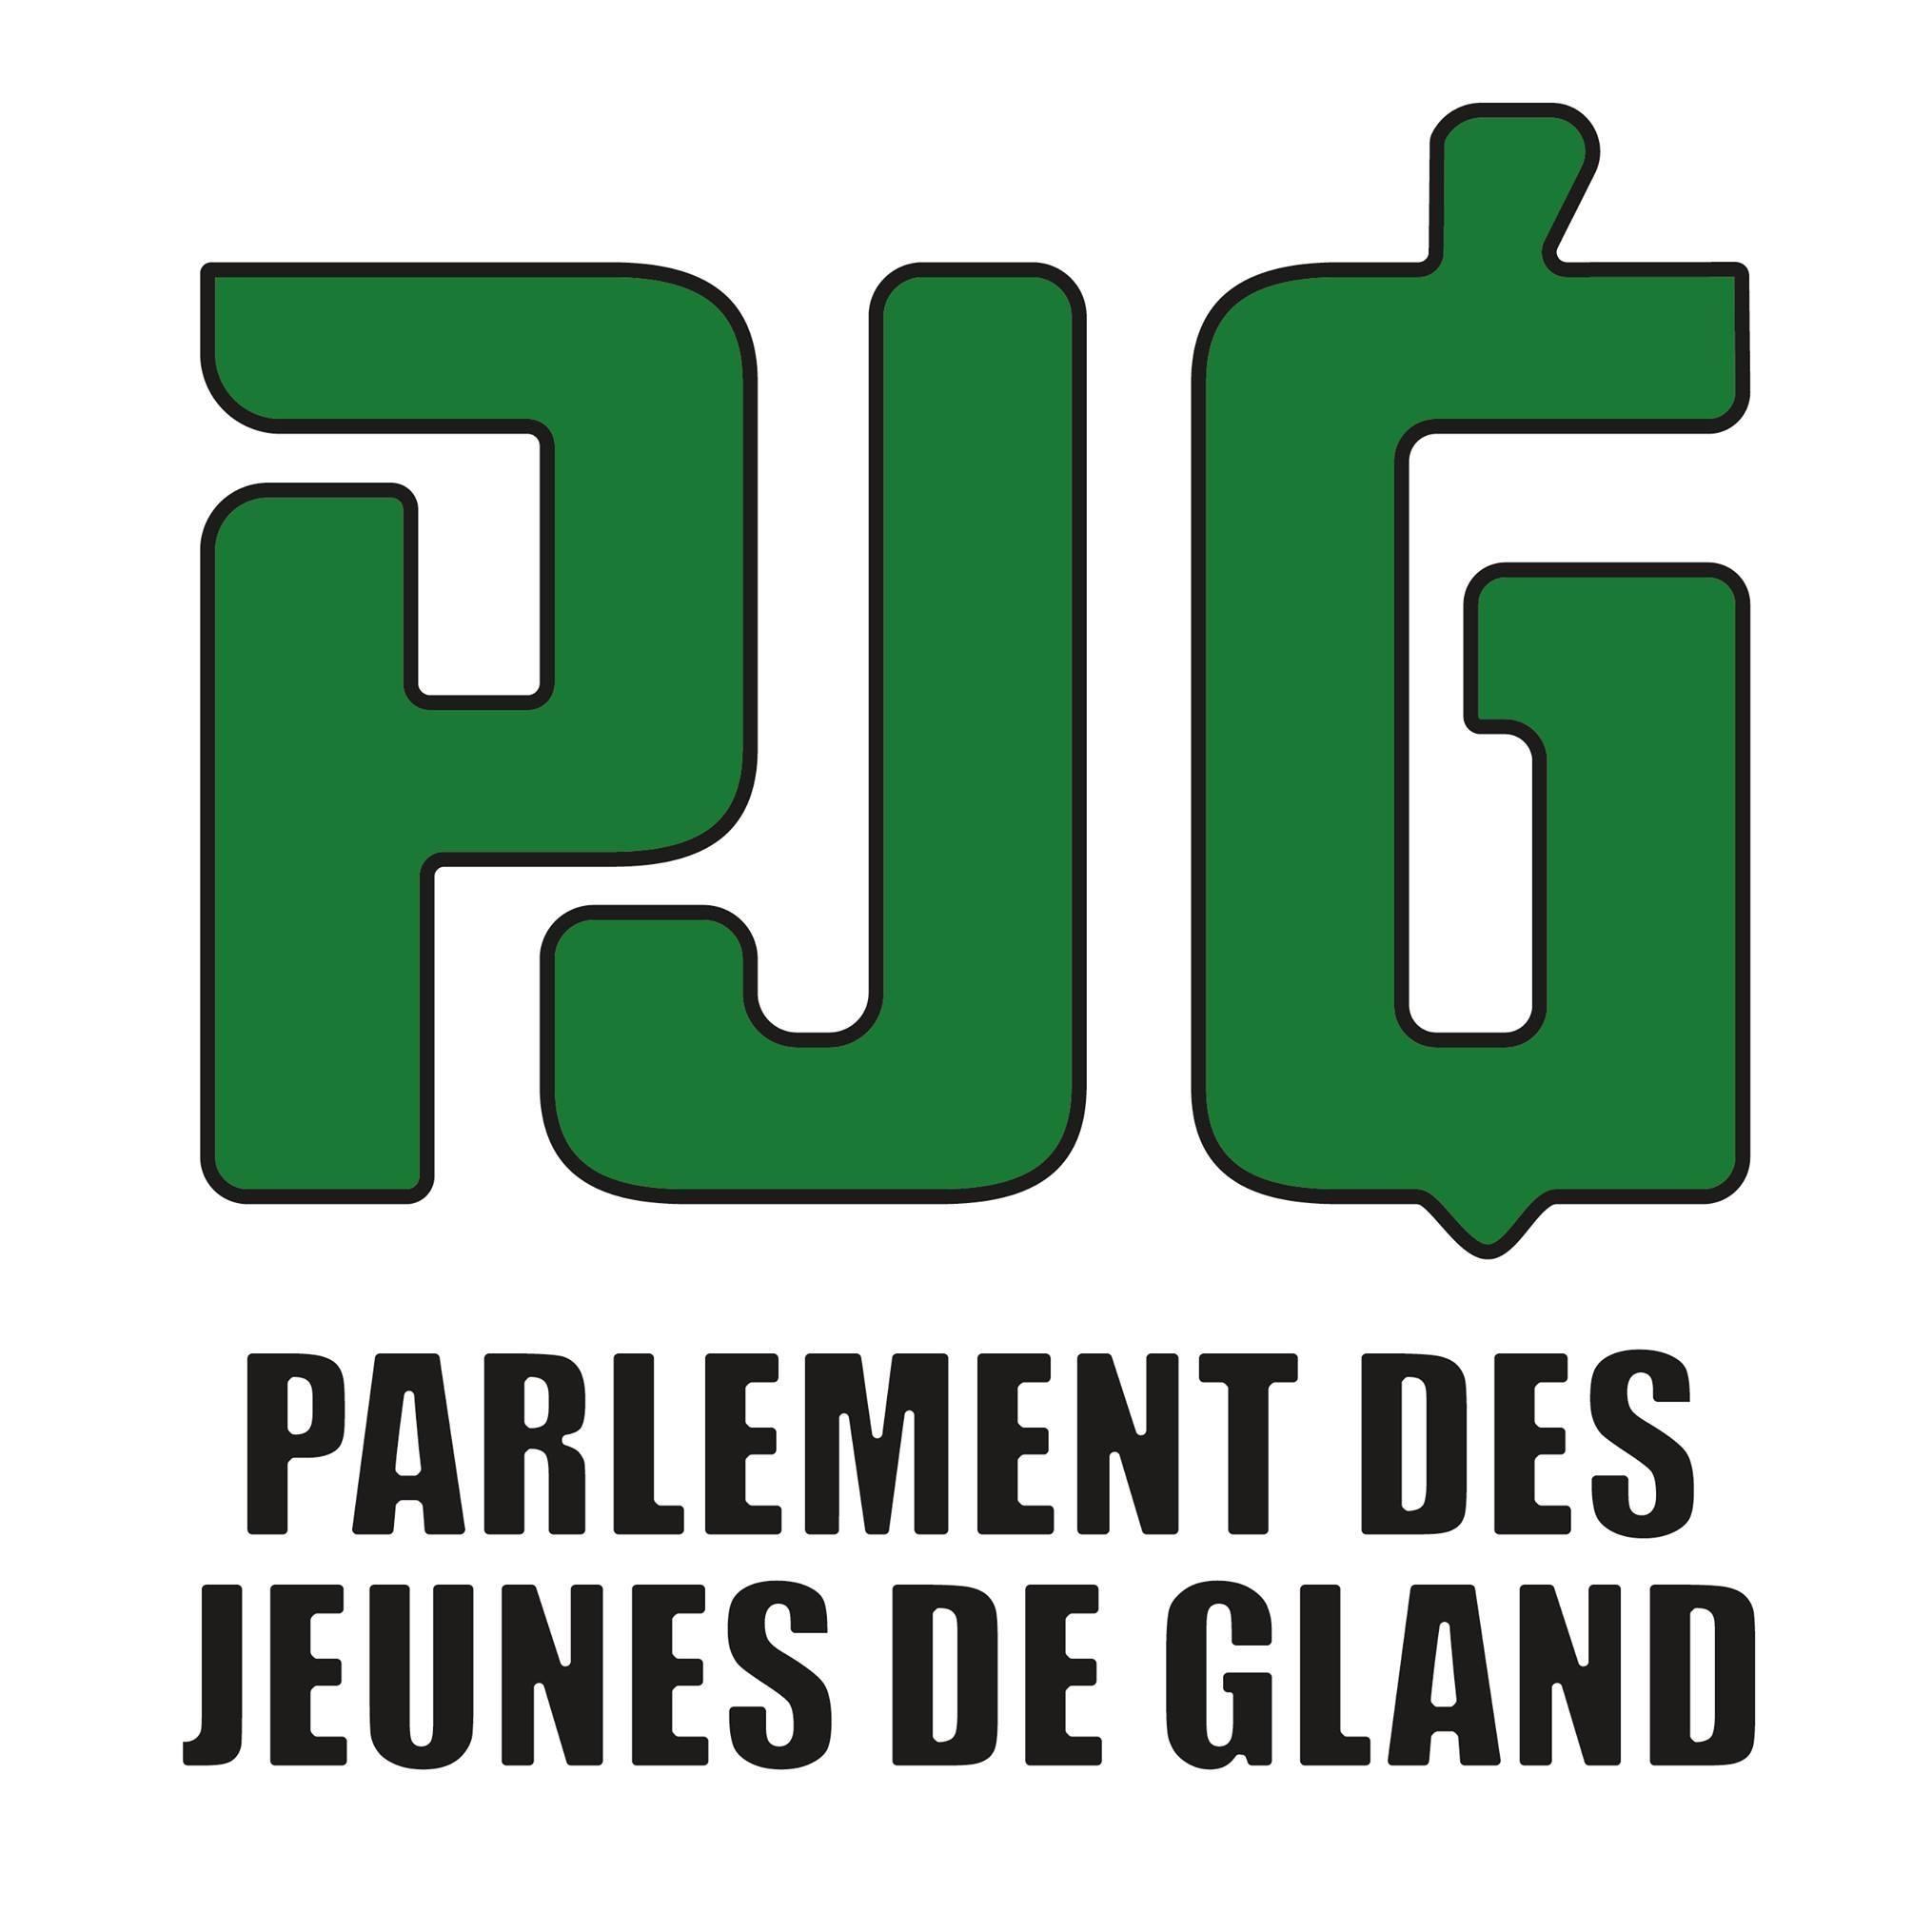 Parlement des Jeunes de Gland